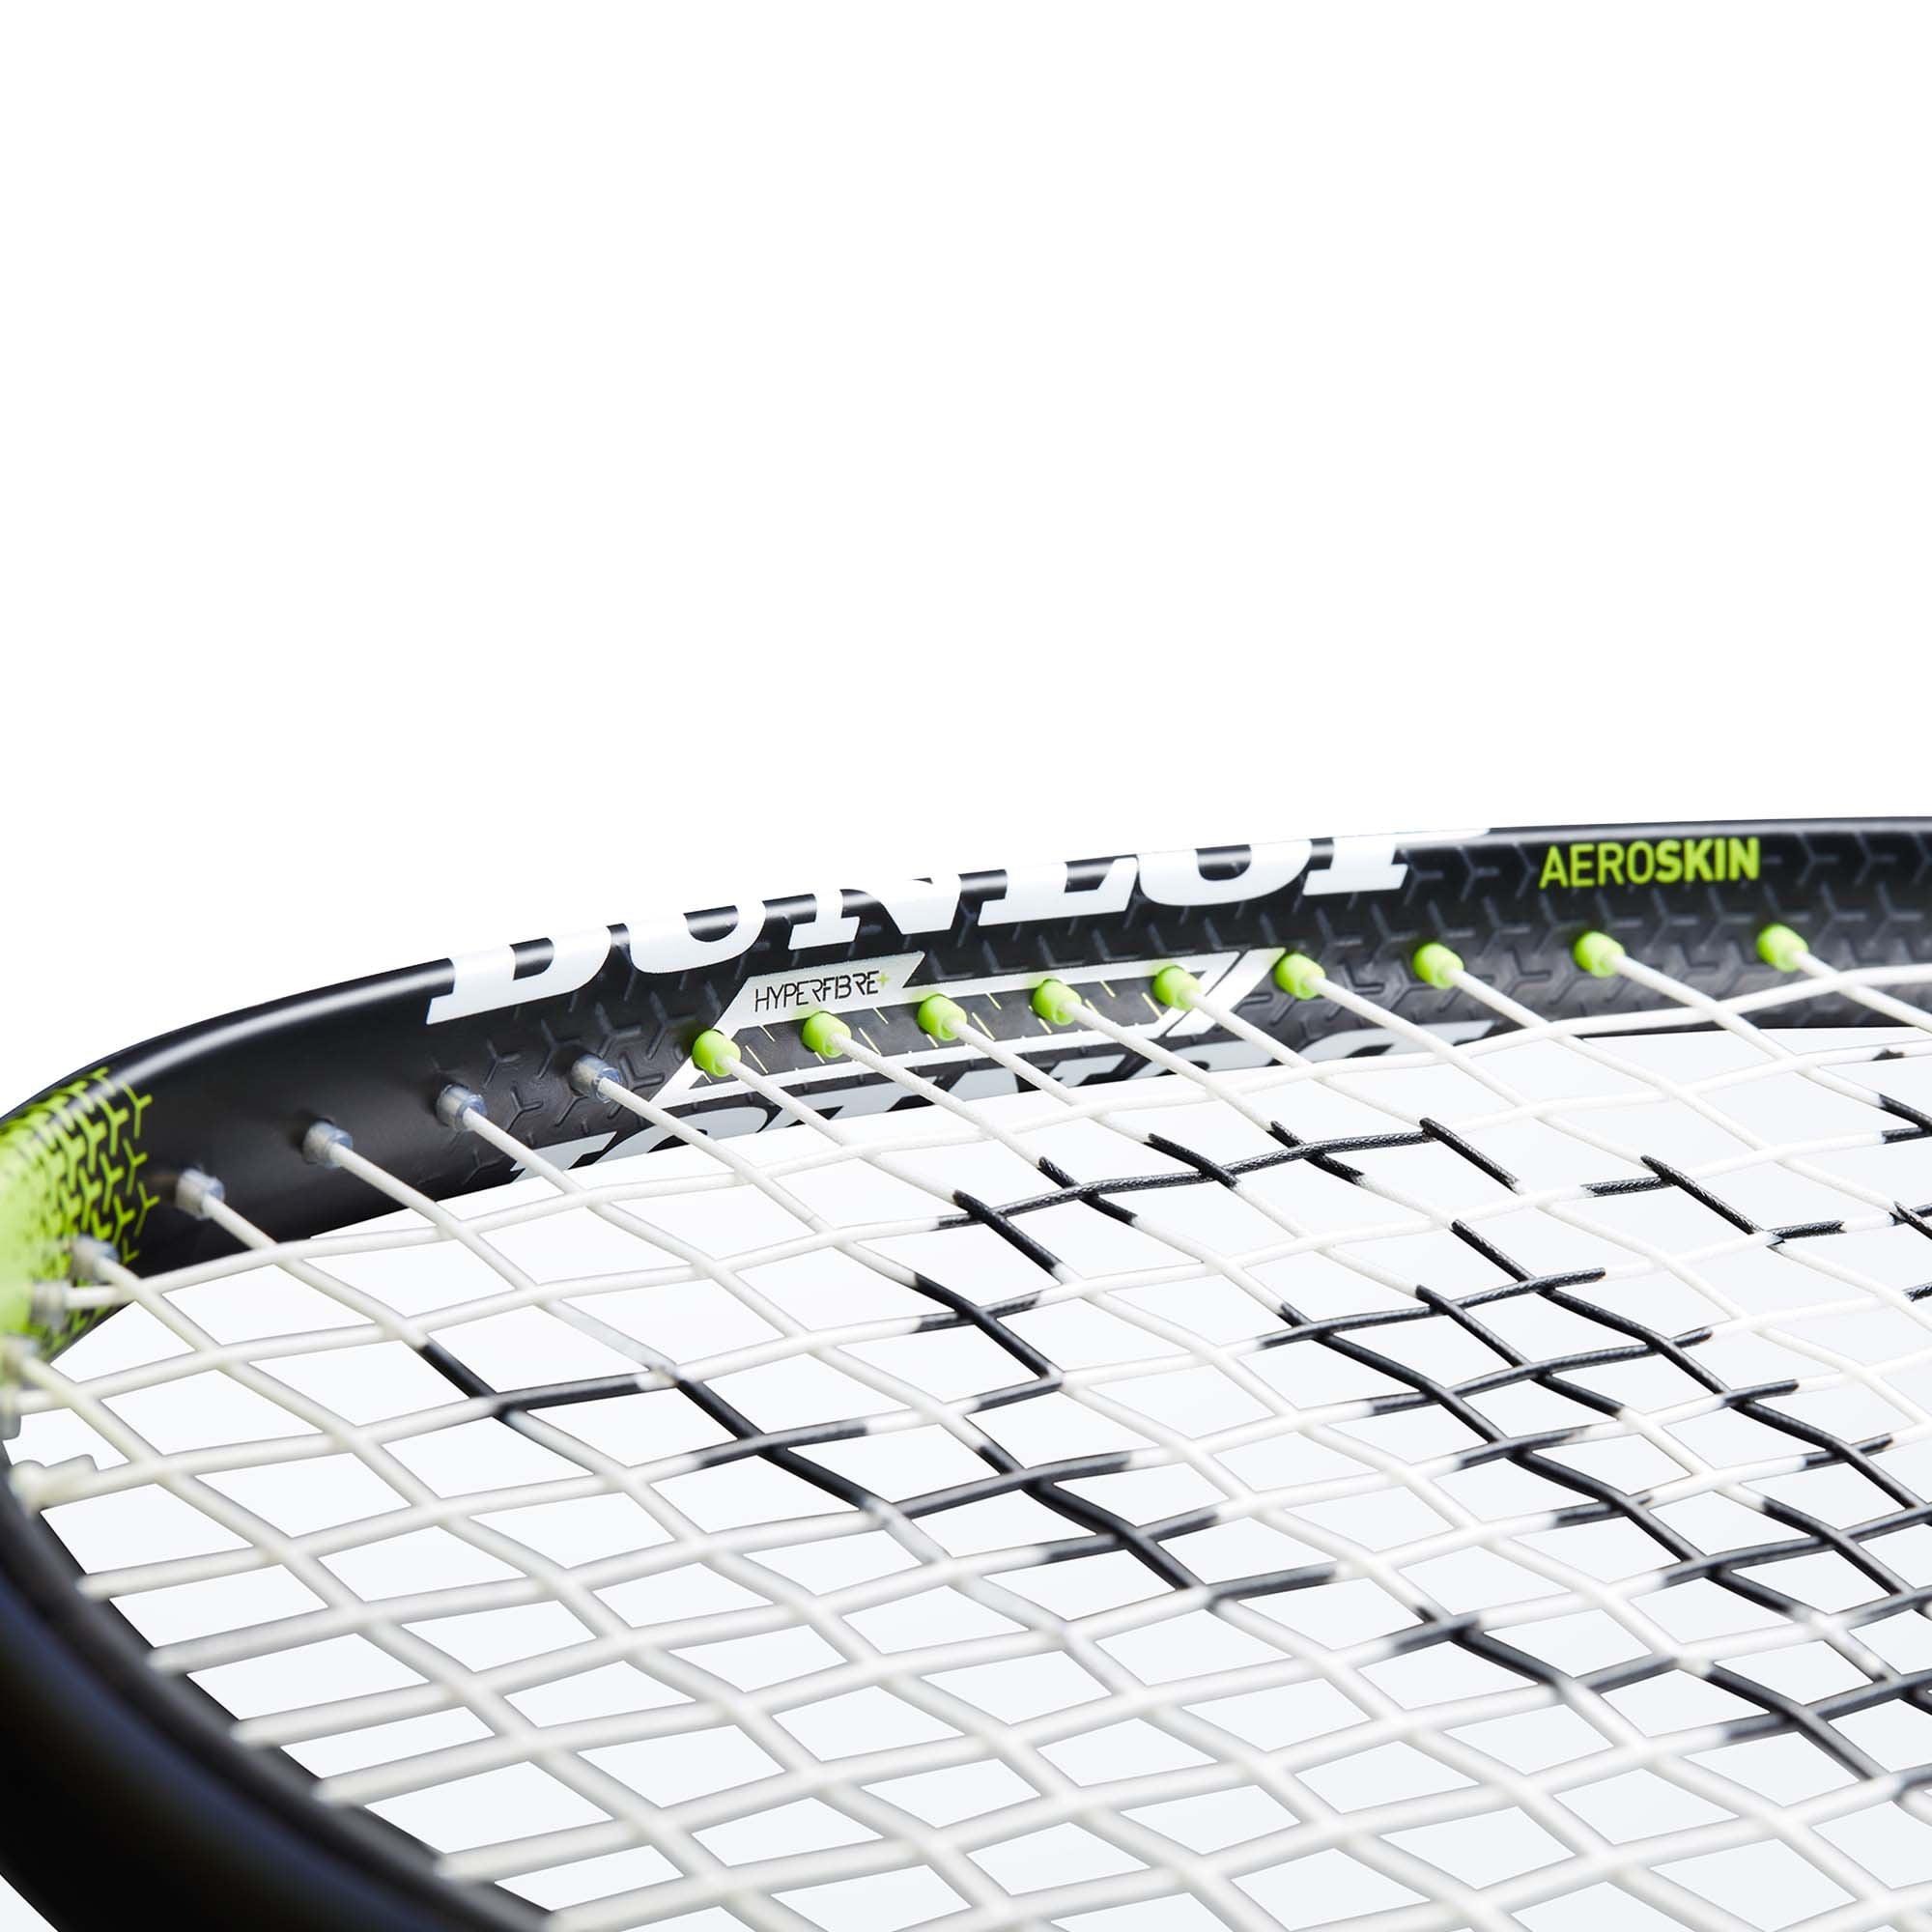 Venta anticipada sensación Frotar  Raquettes Greg Gaultier DUNLOP Precision Elite Sports et Loisirs  hotelaomori.co.jp